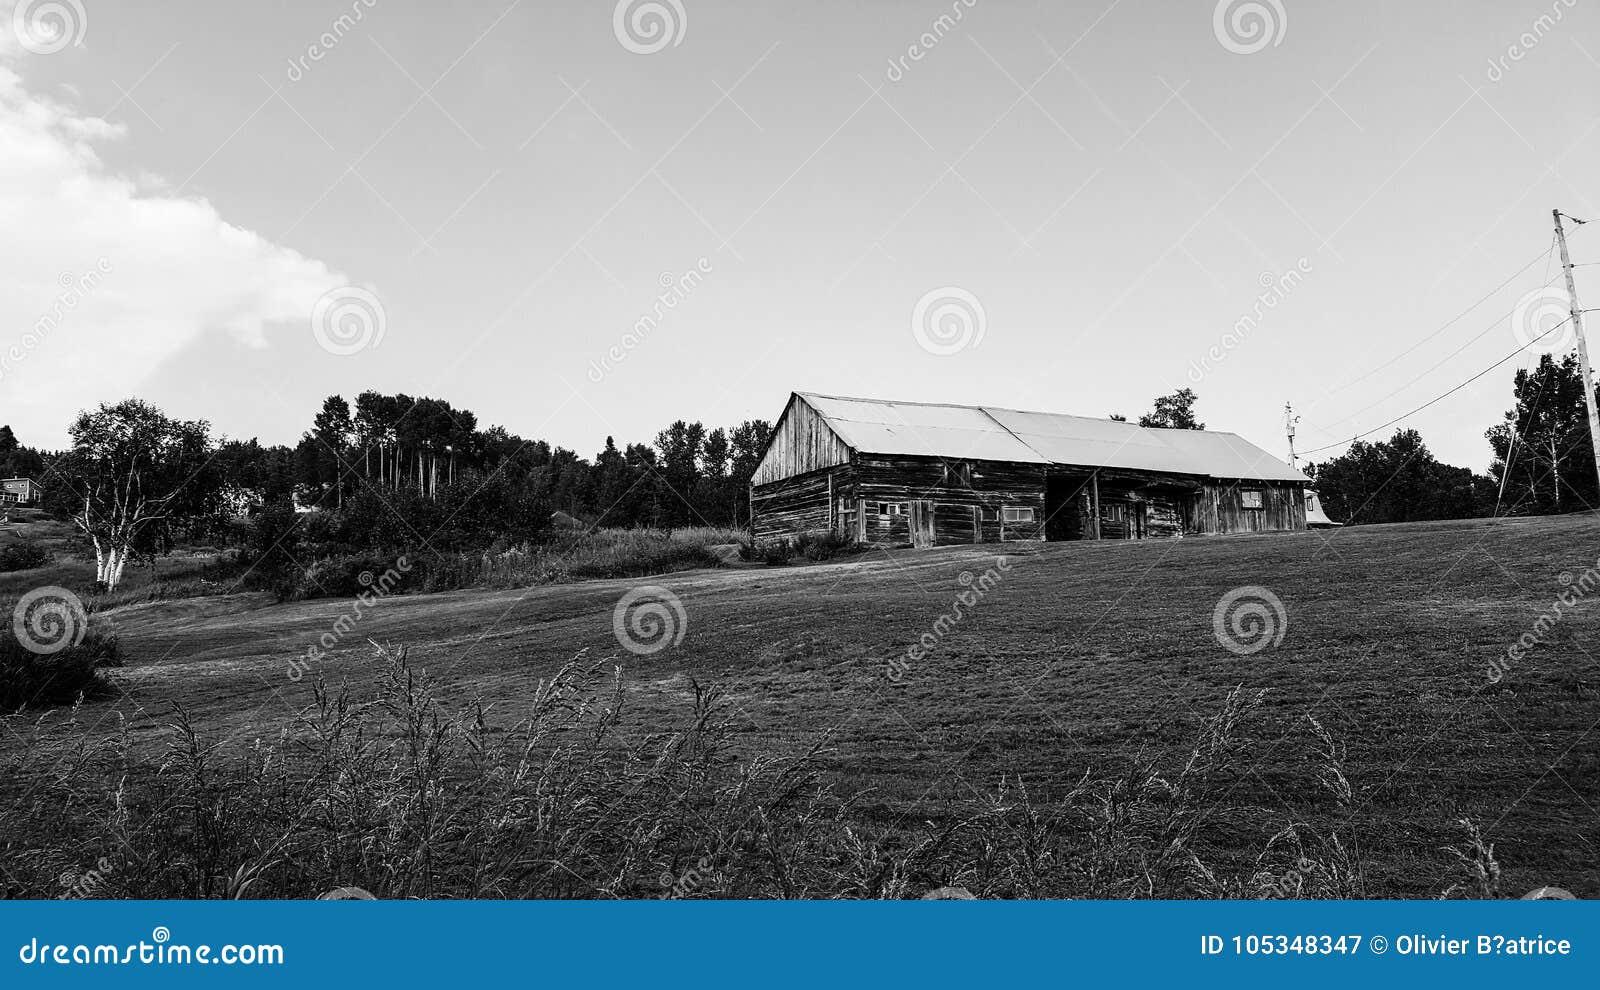 Landscape, farm house quebec